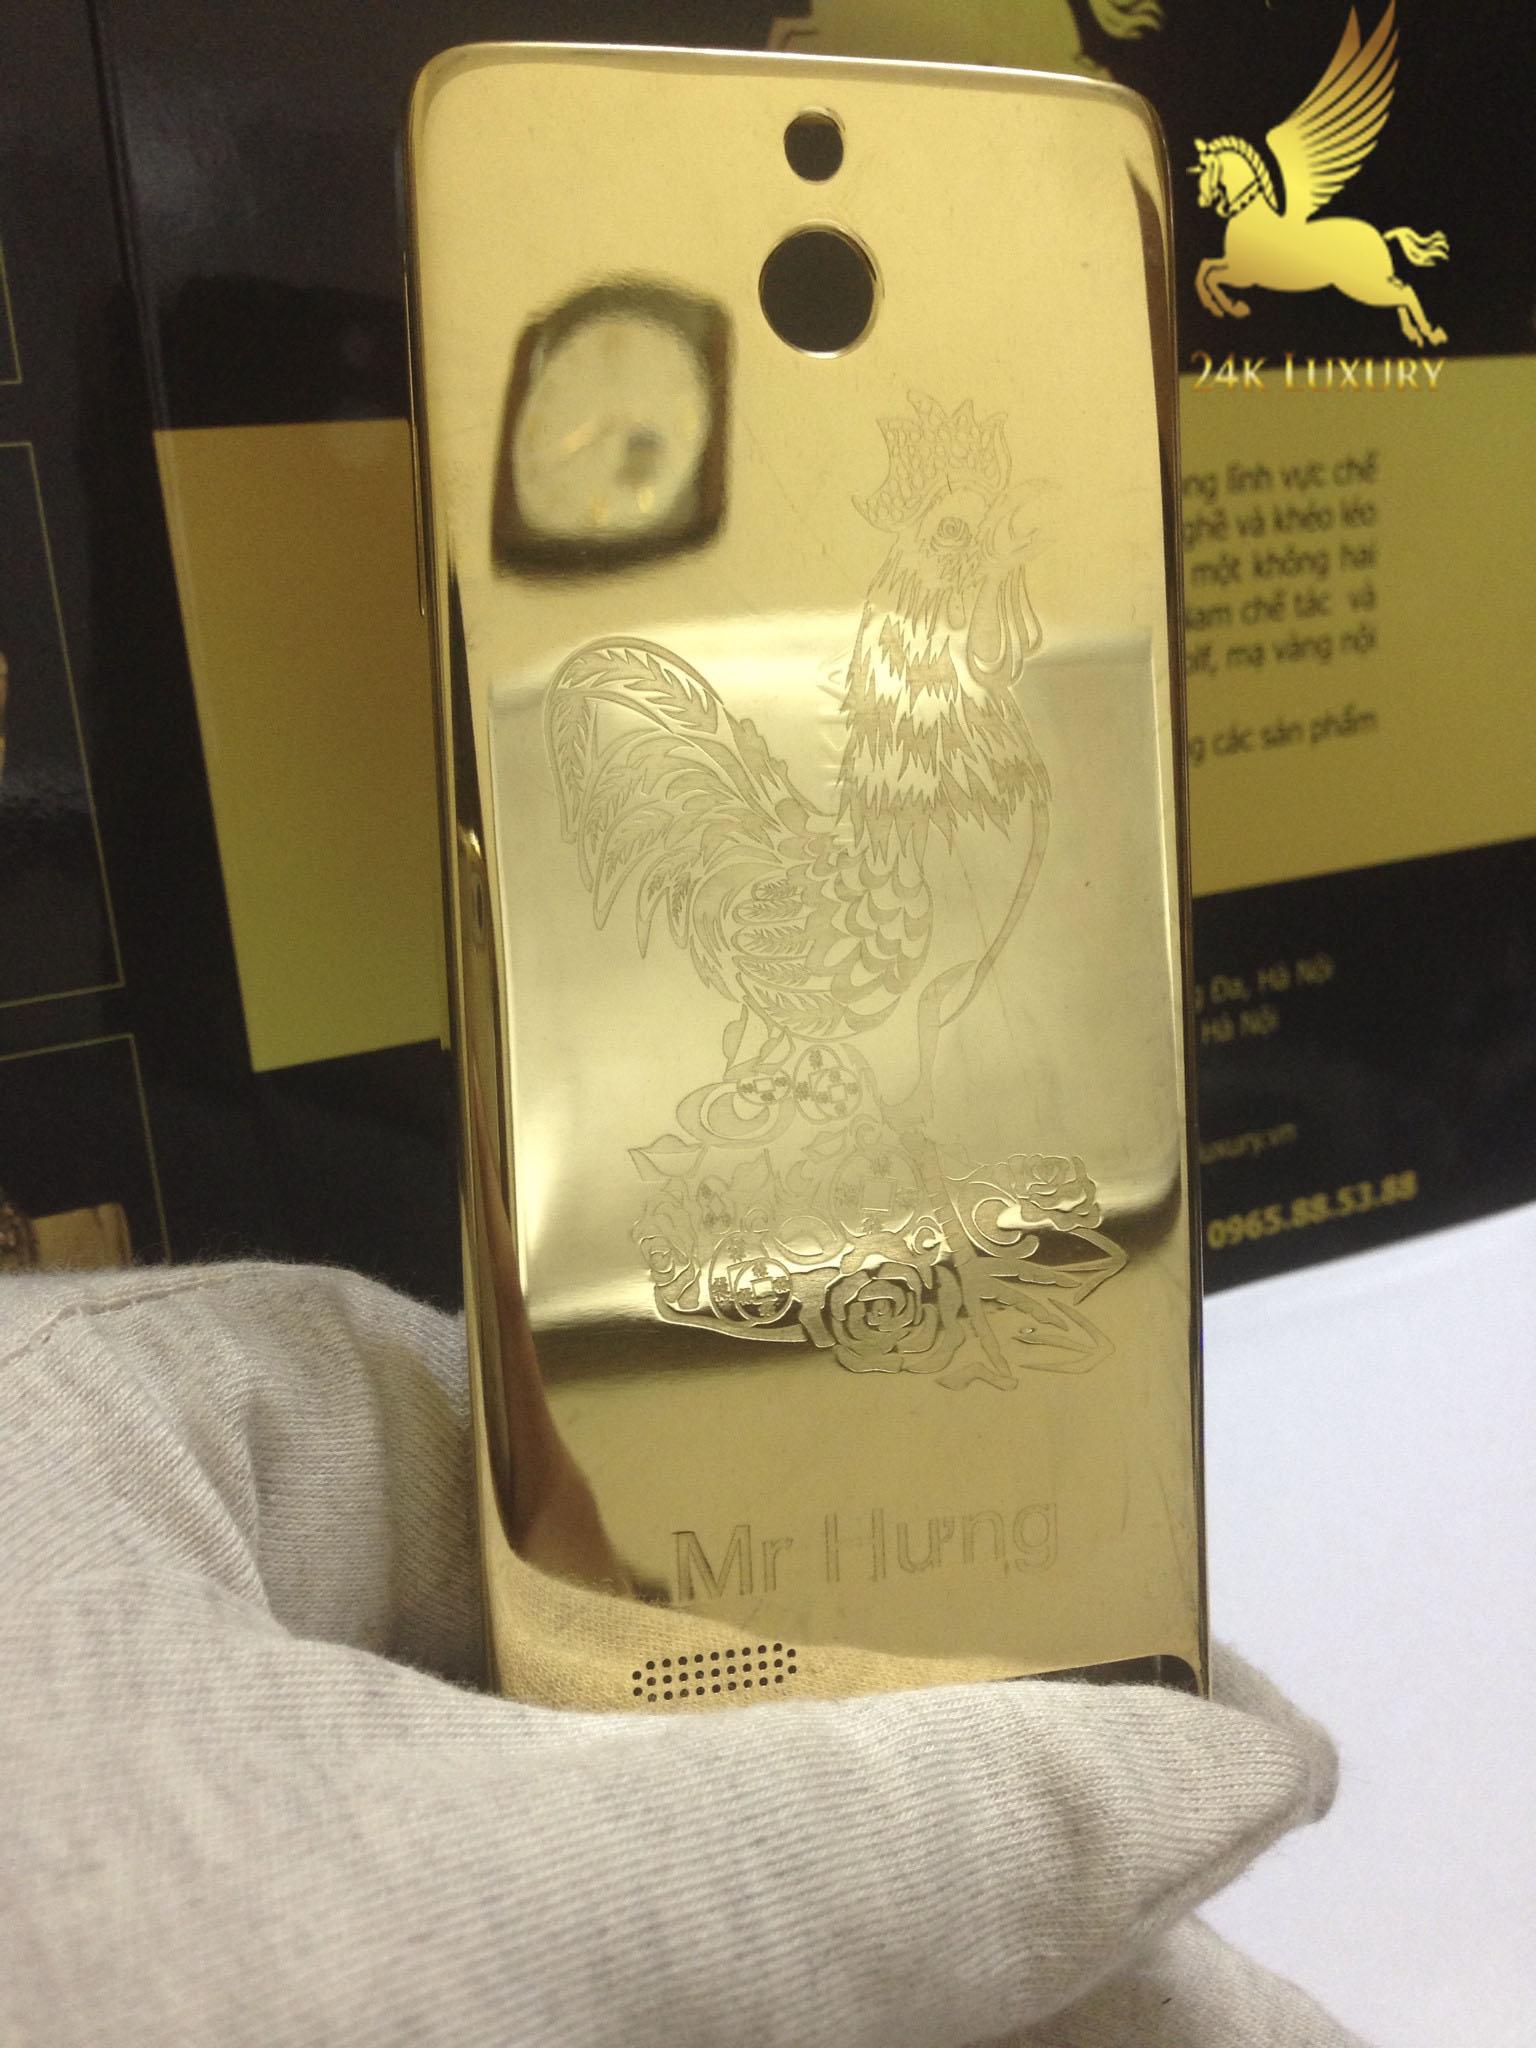 Điện thoại Nokia khắ hình gà mạ vàng là một mẫu điện thoại đẹp, sang trọng và mang lại nhiều ý nghĩa sâu sắc.